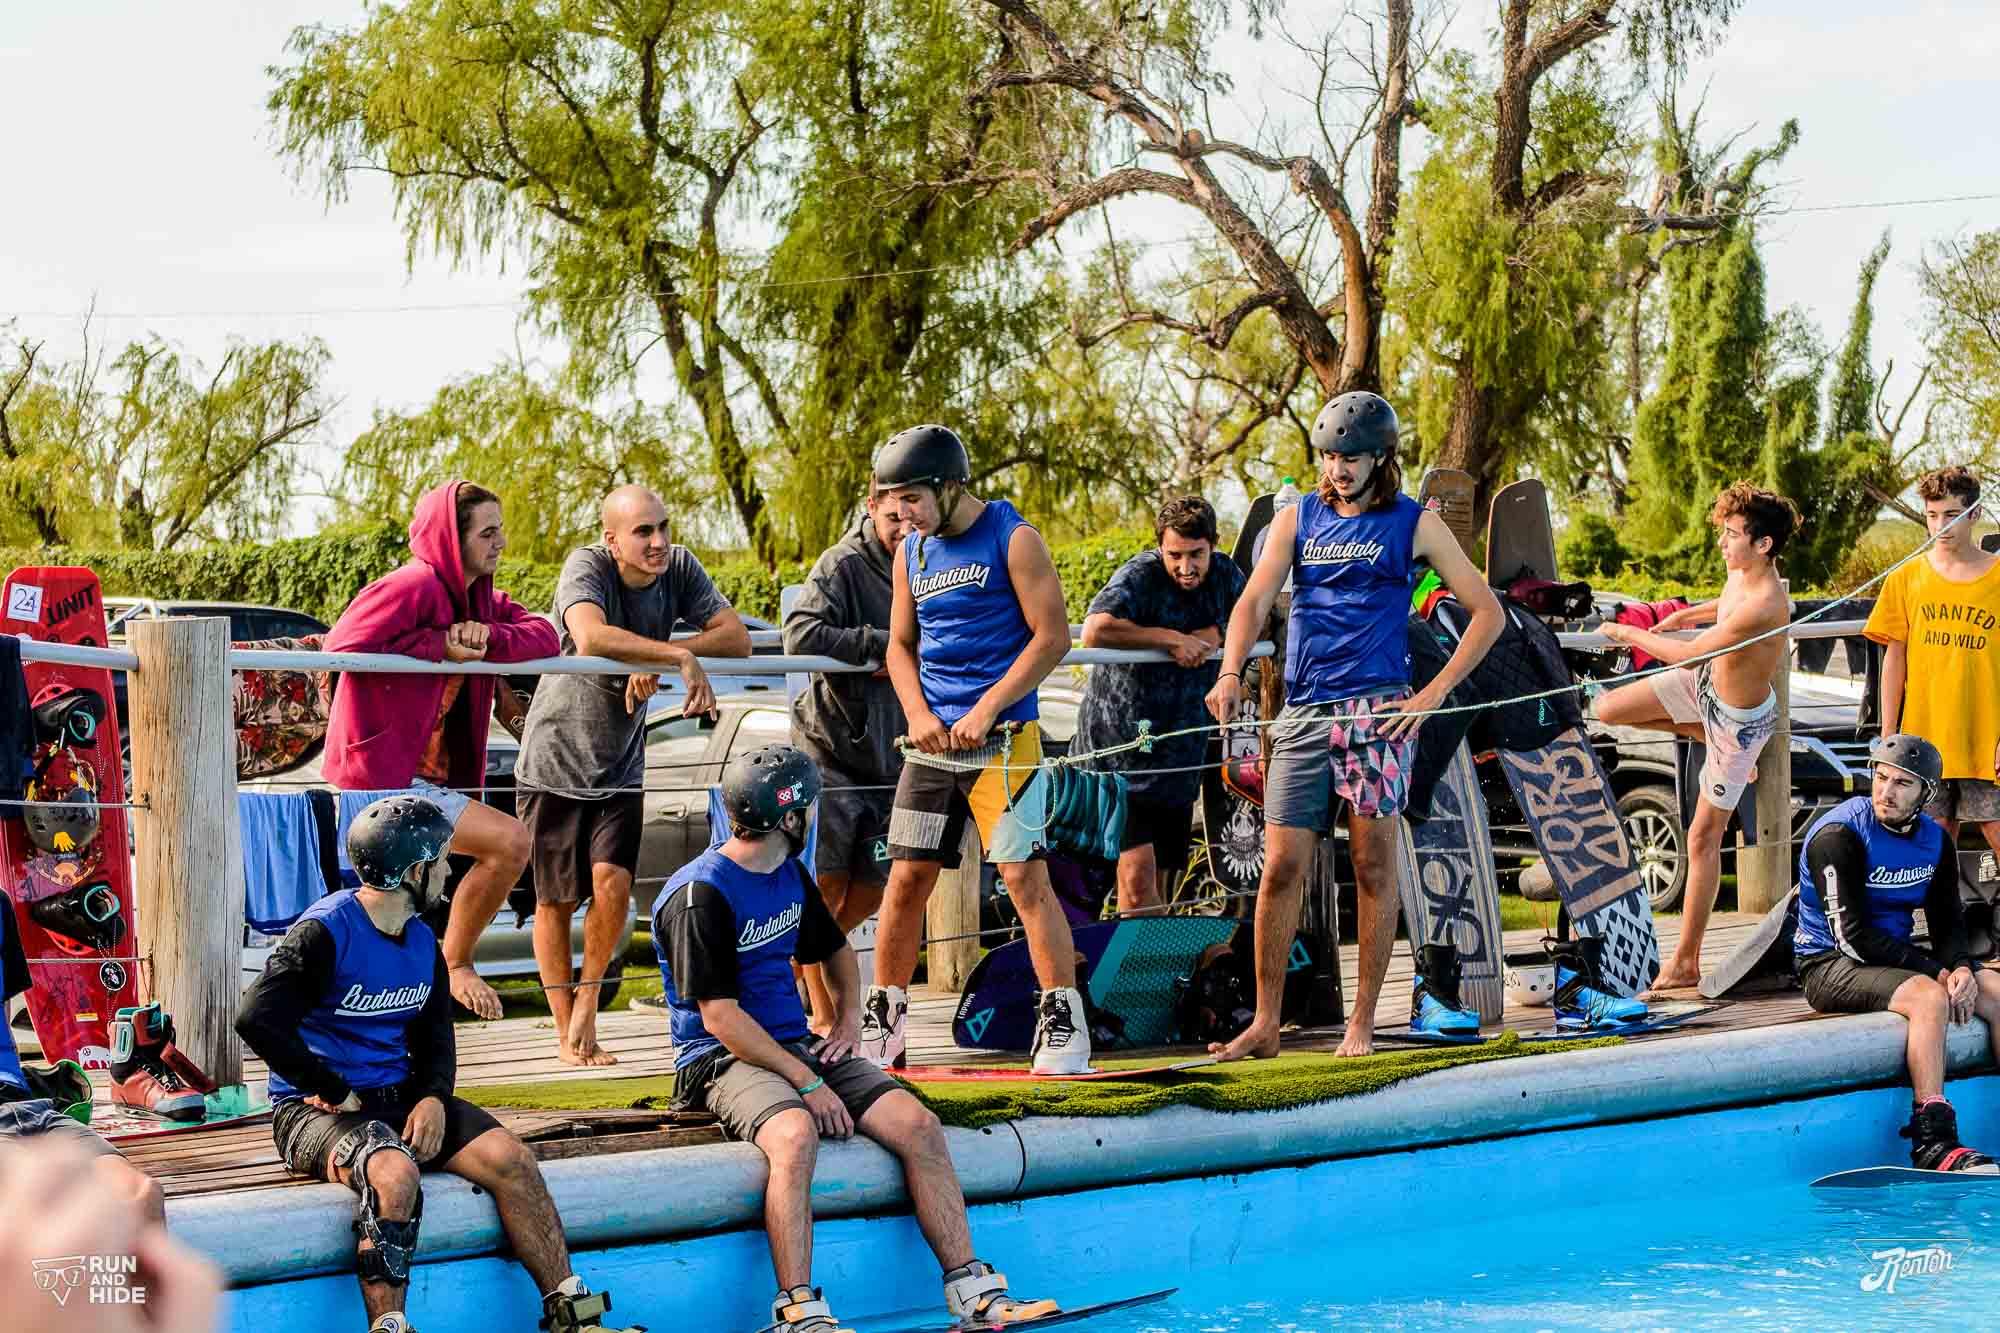 Sexta Fecha del Circuito Argentino de Wakeboard en Renton Wakeboarding Complex